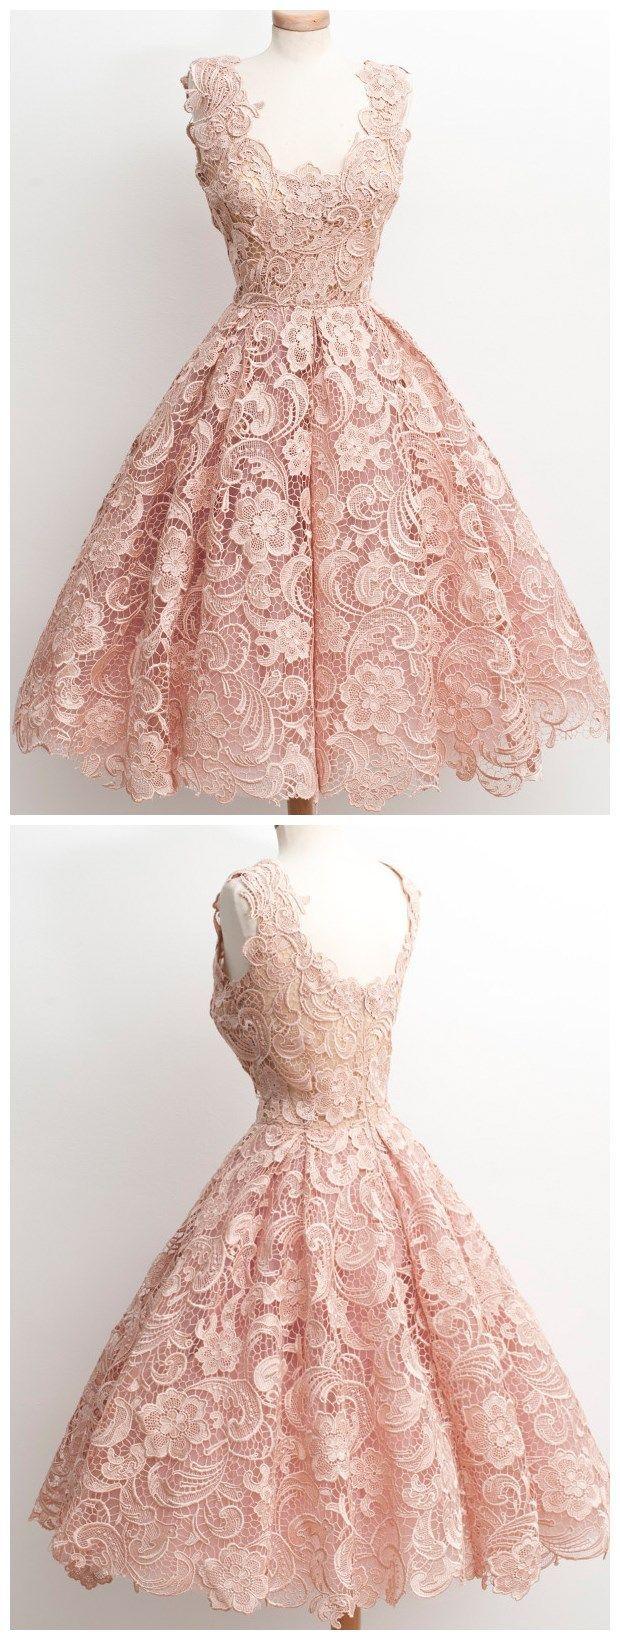 Mejores 98 imágenes de Vestidos en Pinterest | Vestido de baile ...